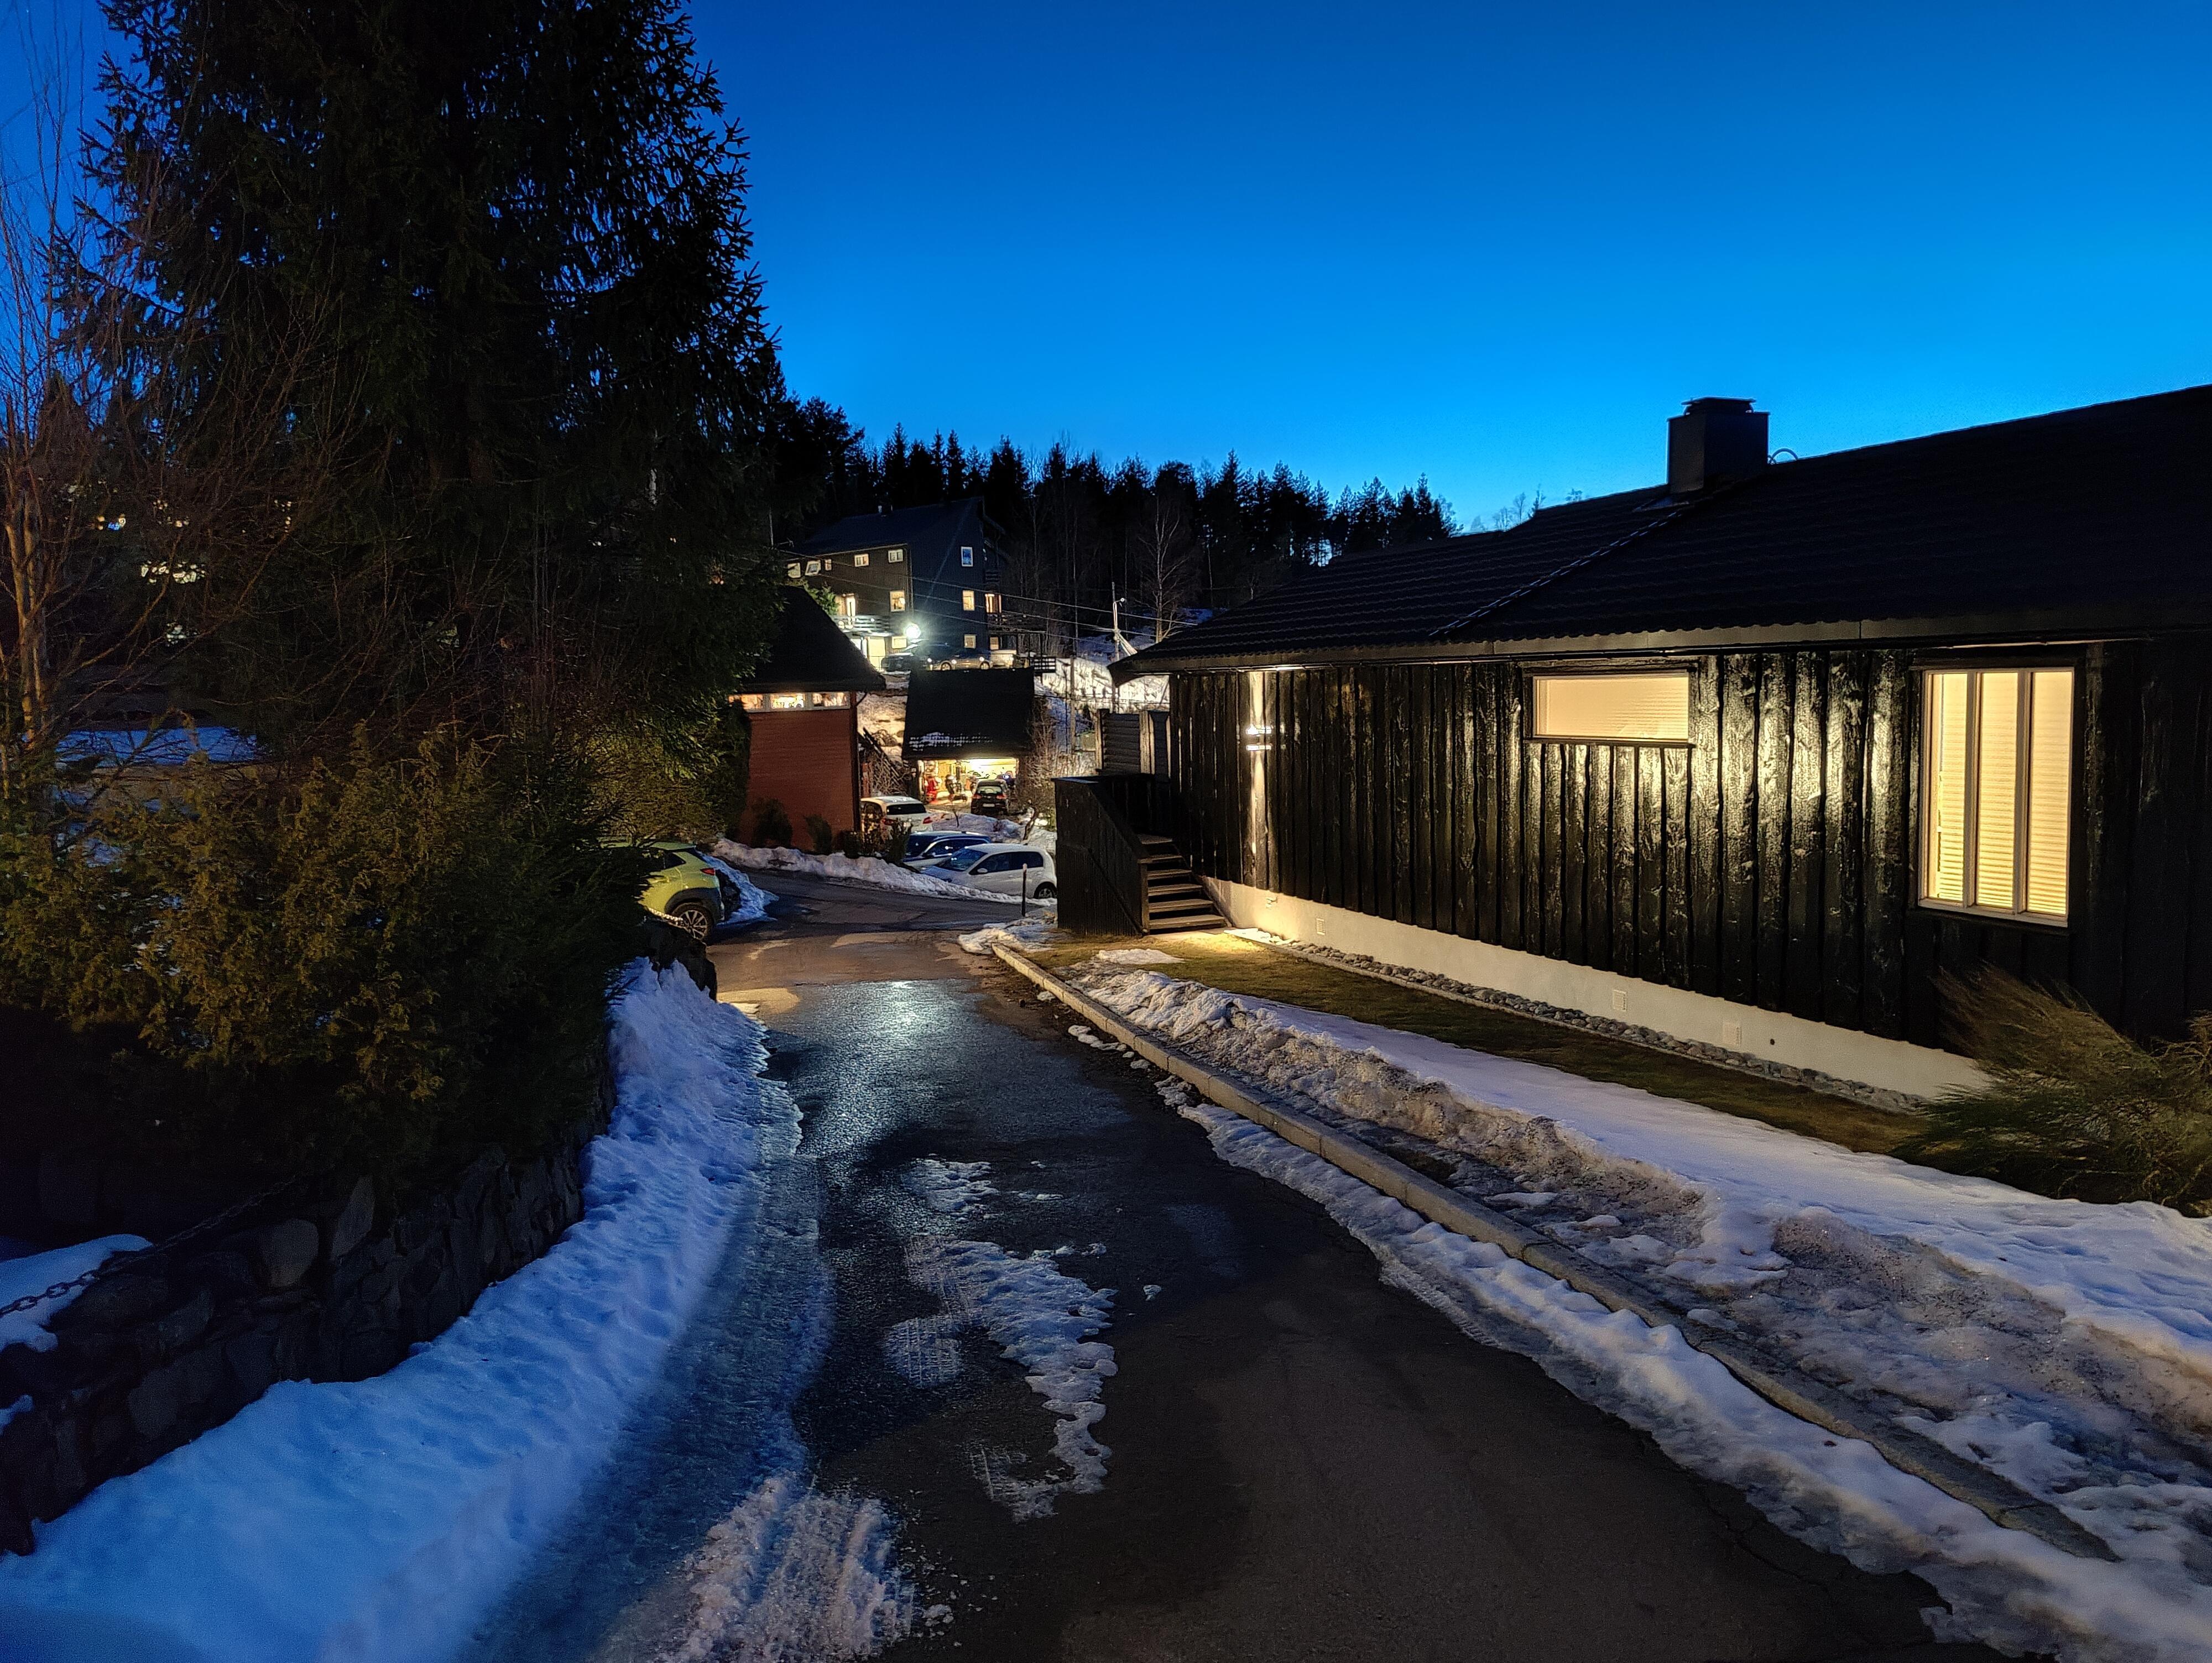 En kompetent nattmodus sørger for gode bilder etter mørkets frembrudd.